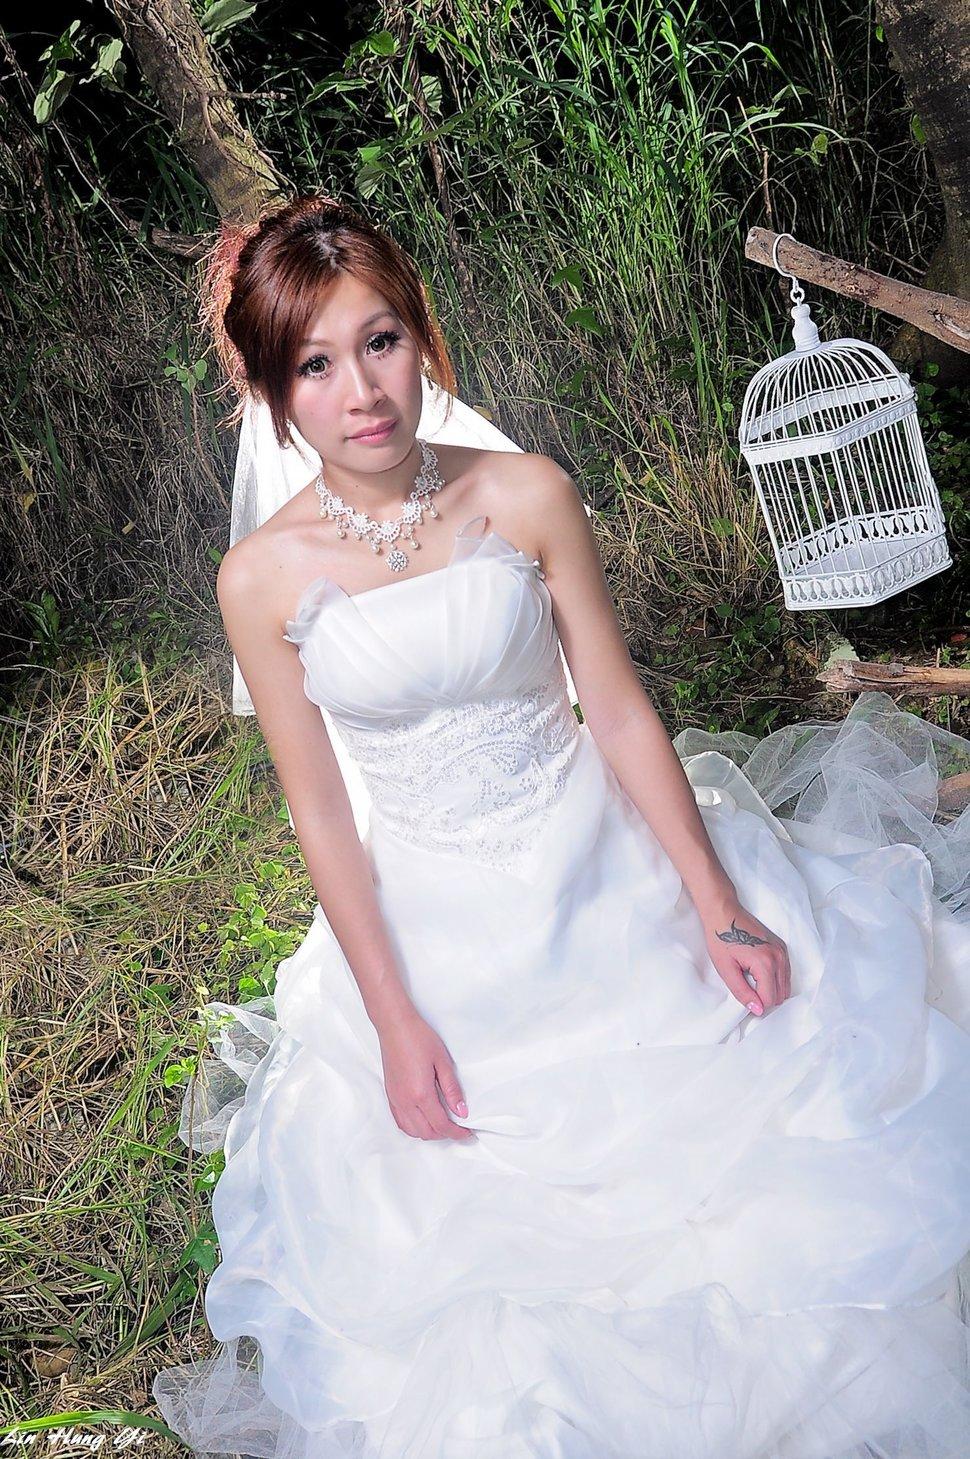 dsc_1113_38356481266_o - 小林哥Hung YI攝影工作室《結婚吧》